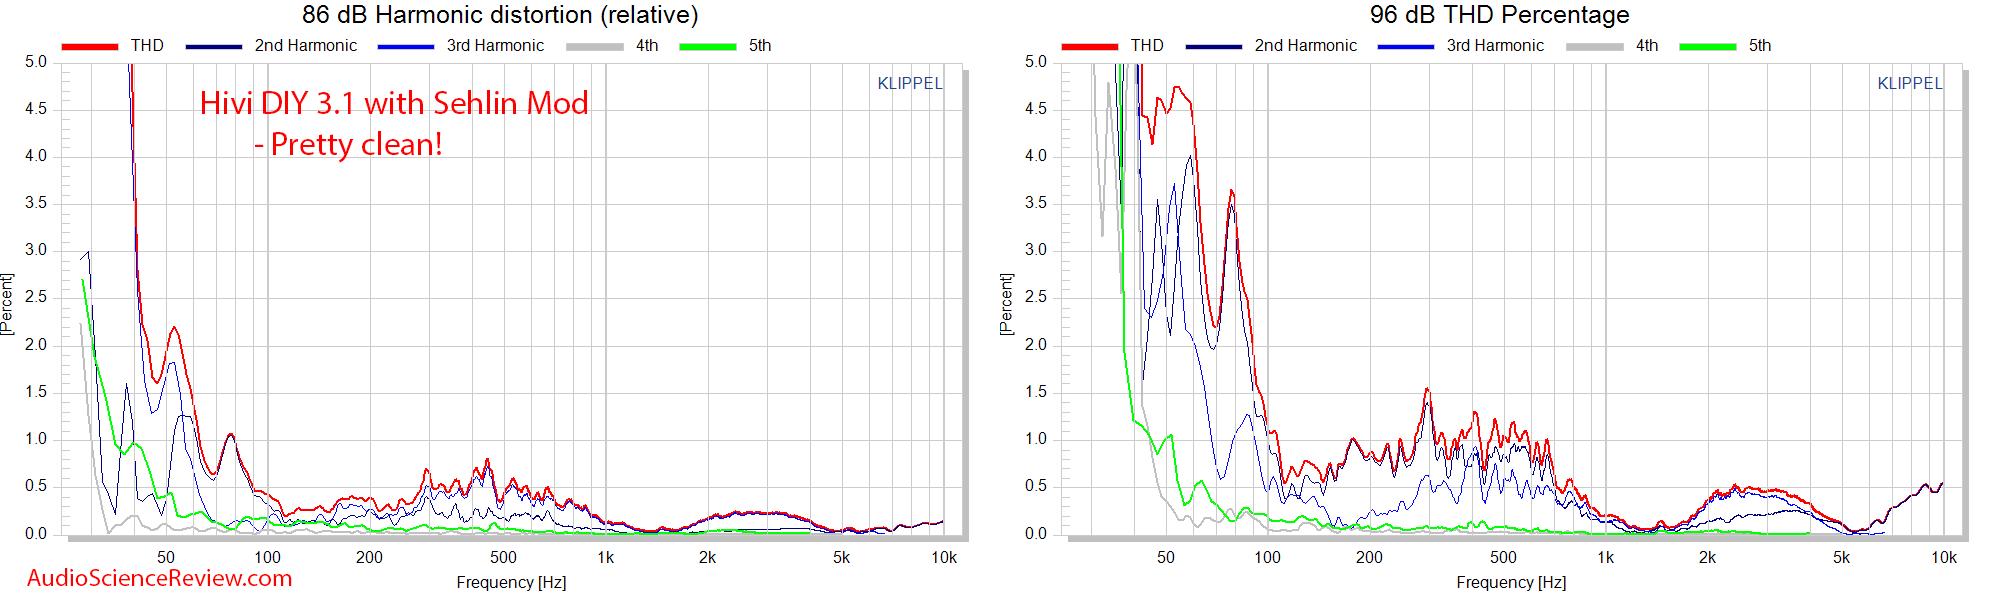 HiVi - DIY 3.1 Bookshelf Speakers Relative Distortion  Measurements.png